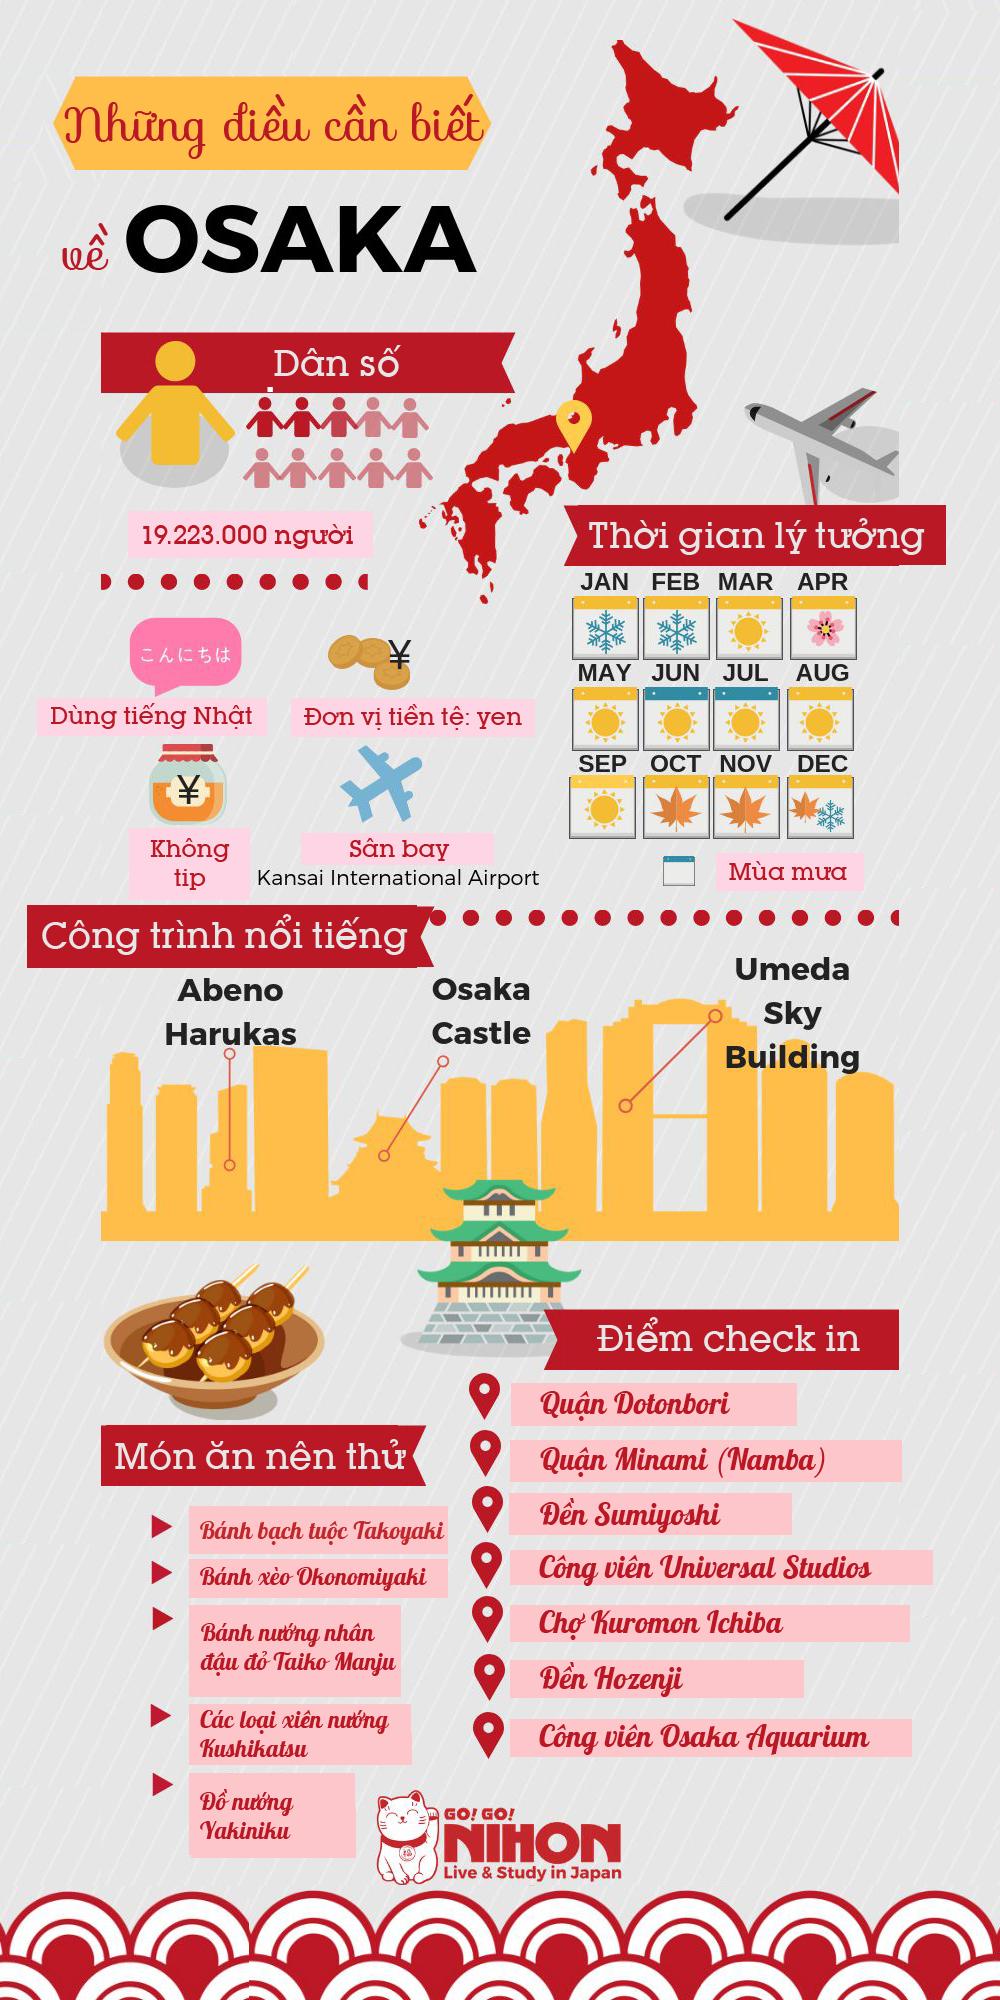 Những điều cần biết trước khi du lịch Osaka